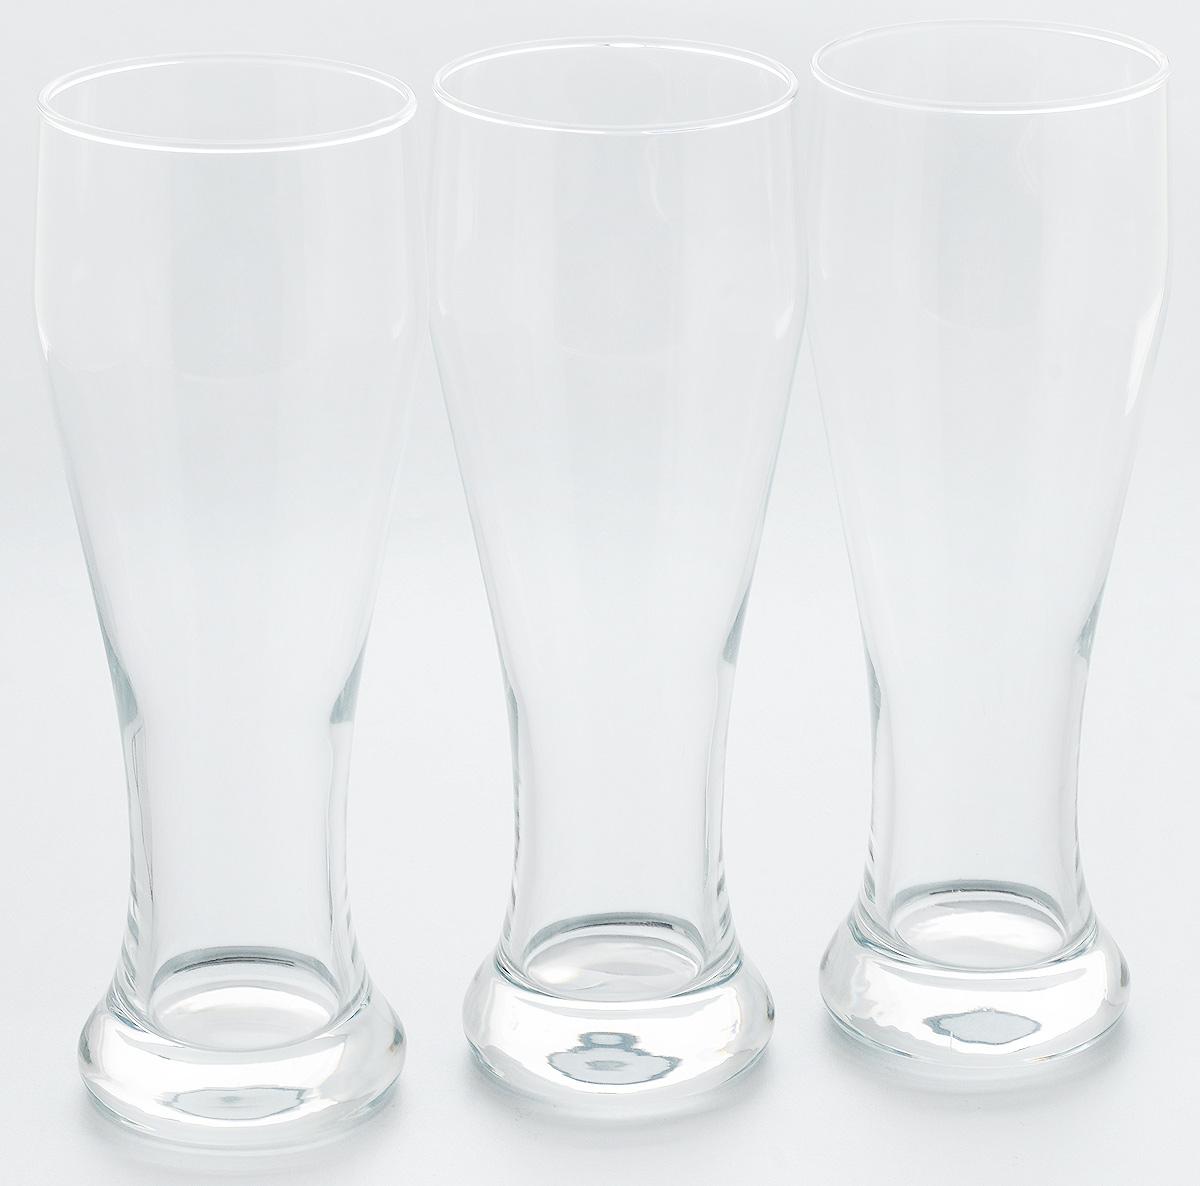 Набор стаканов для пива Pasabahce Pub, 665 мл, 3 штVT-1520(SR)Набор Pasabahce Pub состоит из трех стаканов, выполненных из прочного натрий-кальций-силикатного стекла. Стаканы, оснащенные утолщенным дном, предназначены для подачи пива. Такой набор прекрасно подойдет для любителей пенного напитка.Стаканы можно использовать микроволновой печи до +70°С и холодильнике. Также подходят для мытья в посудомоечной машине. Высота стакана: 13,5 см.Диаметр стакана: 8 см.Диаметр дна: 7 см.